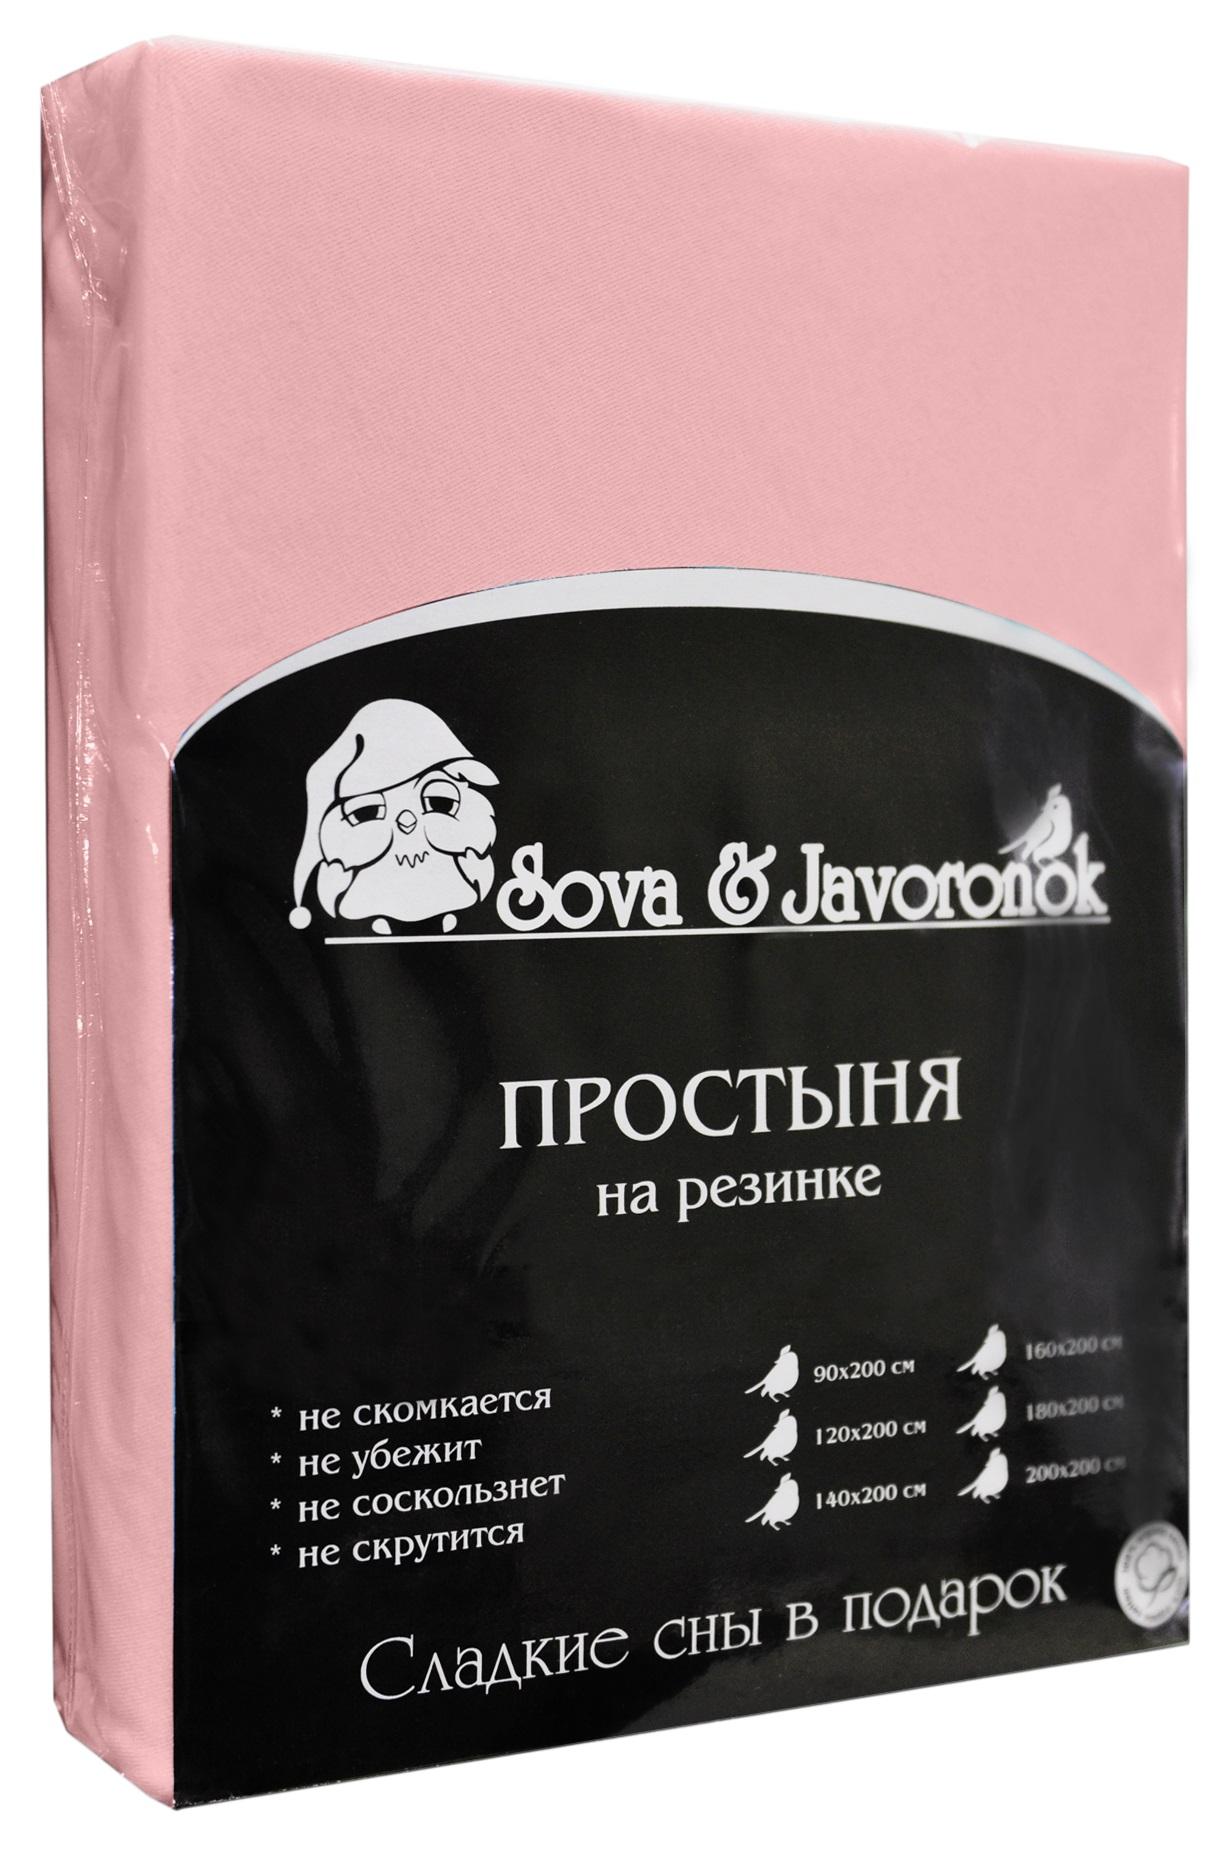 Простыня на резинке Sova & Javoronok, цвет: светло-розовый, 120 х 200 см0803114205Простыня на резинке Sova & Javoronok, изготовленная из трикотажной ткани (100% хлопок), будет превосходно смотреться с любыми комплектами белья. Хлопчатобумажный трикотаж по праву считается одним из самых качественных, прочных и при этом приятных на ощупь. Его гигиеничность позволяет использовать простыню и в детских комнатах, к тому же 100%-ый хлопок в составе ткани не вызовет аллергии. У трикотажного полотна очень интересная структура, немного рыхлая за счет отсутствия плотного переплетения нитей и наличия особых петель, благодаря этому простыня Сова и Жаворонок отлично пропускает воздух и способствует его постоянной циркуляции. Поэтому ваша постель будет всегда оставаться свежей. Но главное и, пожалуй, самое известное свойство трикотажа - это его великолепная растяжимость, поэтому эта ткань и была выбрана для натяжной простыни на резинке. Простыня прошита резинкой по всему периметру, что обеспечивает более комфортный отдых, так как она прочно удерживается на матрасе и...